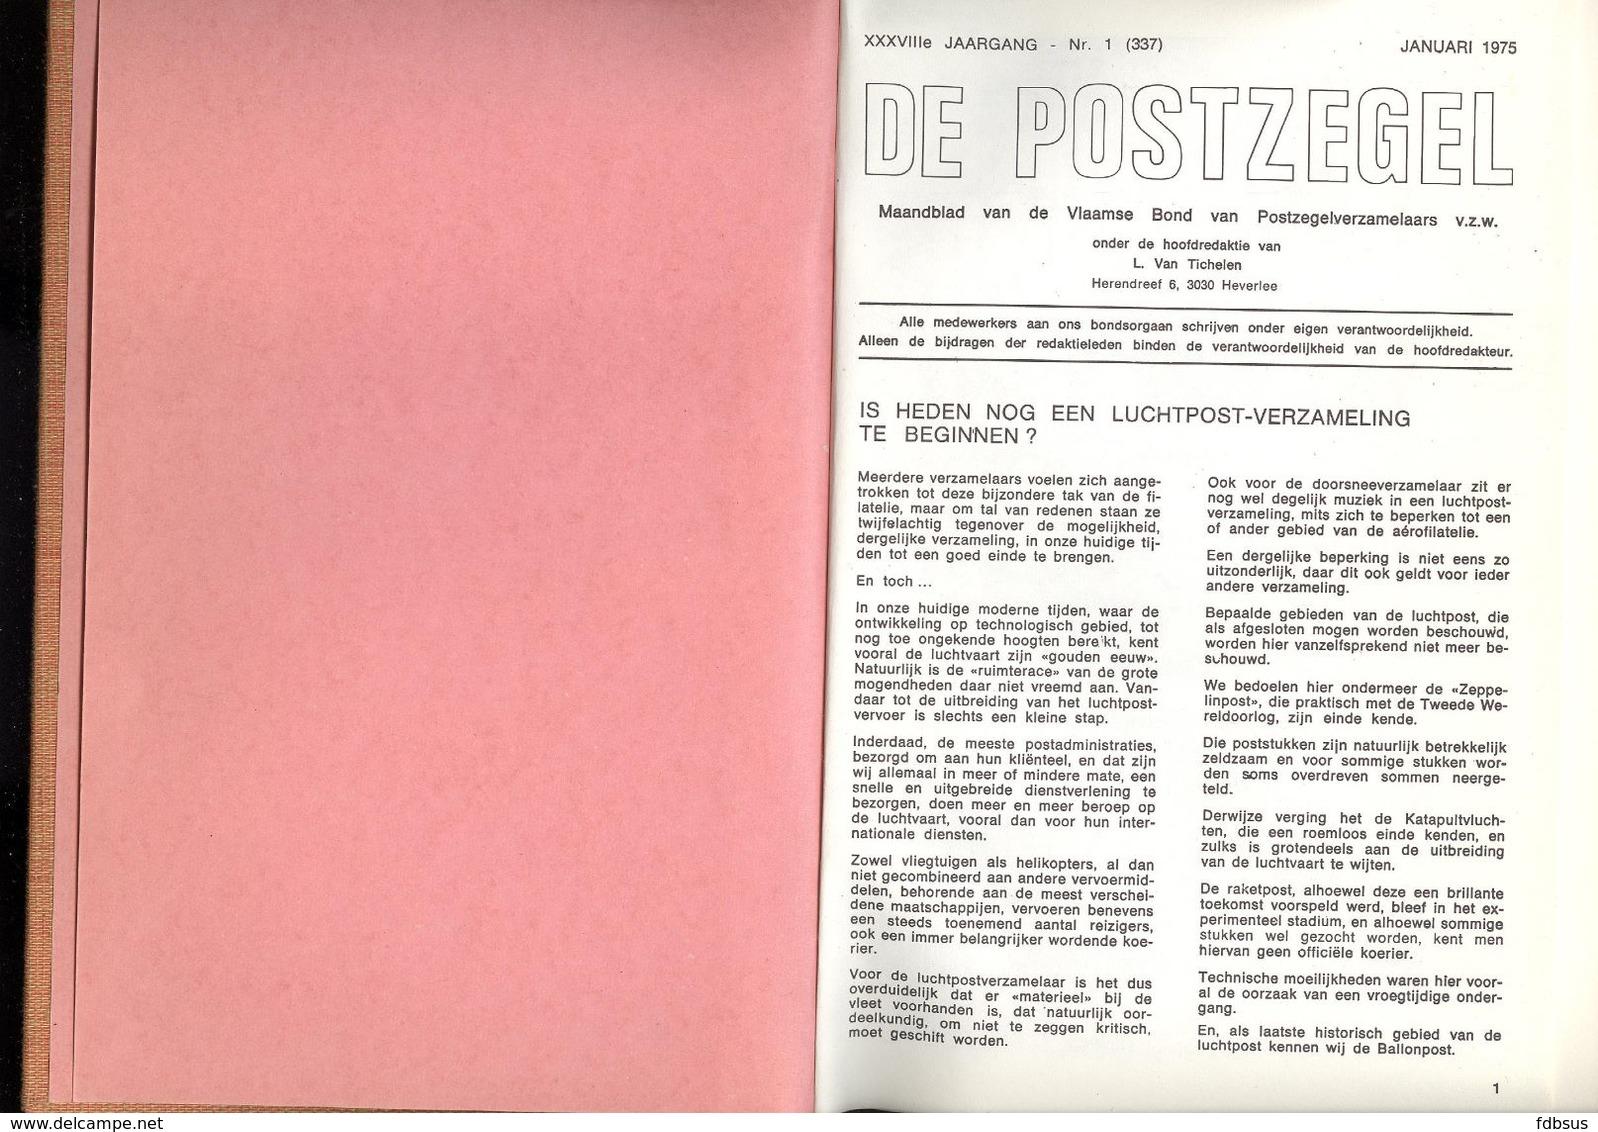 DE POSTZEGEL - ZEER MOOI EN PROPER INGEBONDEN - COMPLETE 38e JAARGANG 1975 - VEEL INFO MET INHOUDSTAFEL -  EXTRA MOOI - Nederlands